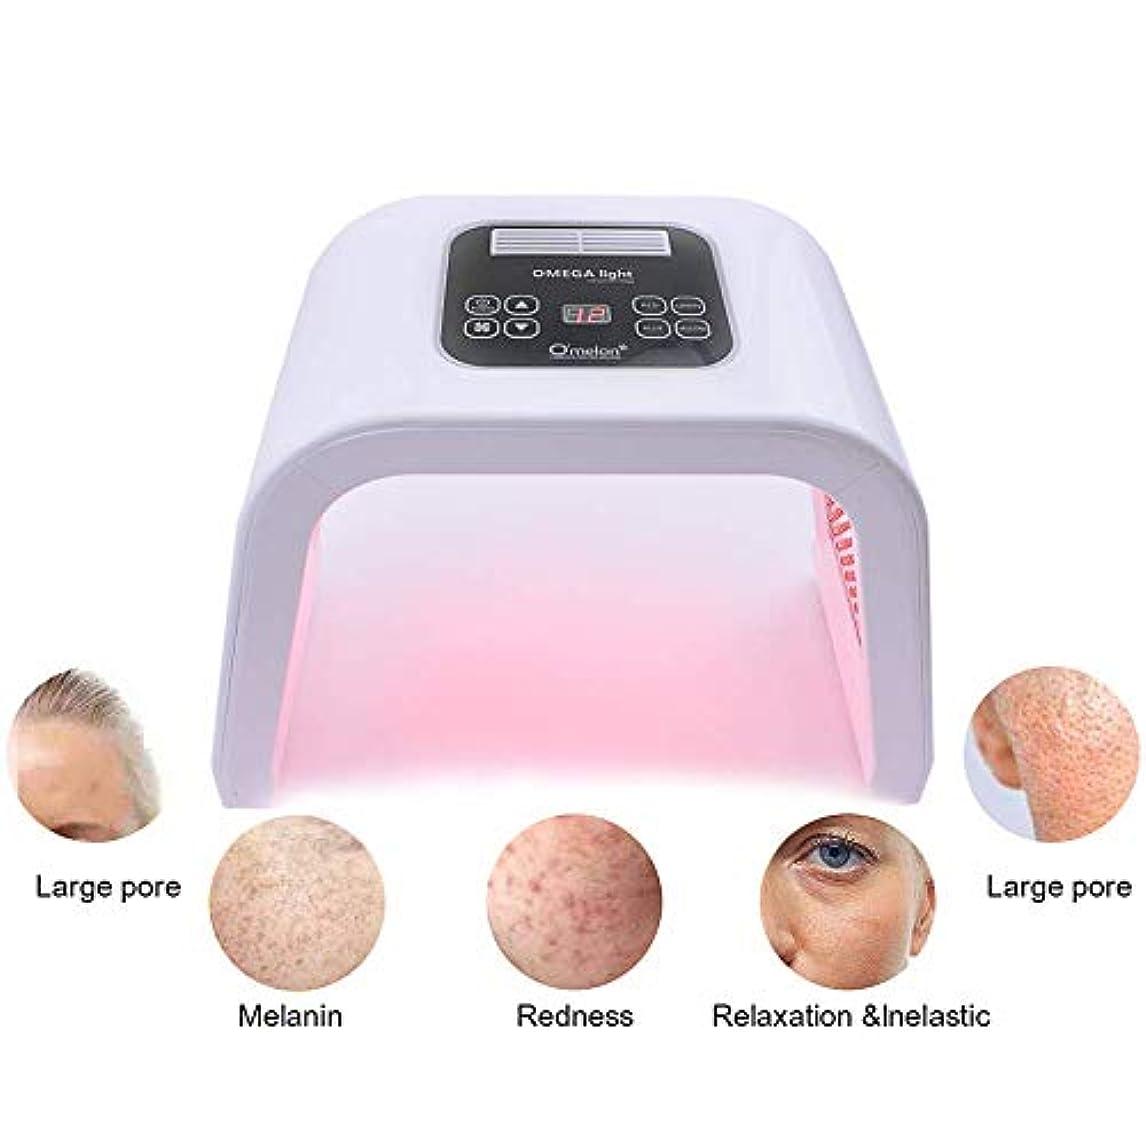 ステーキプロテスタントブラインド若返り美容セラピーマスクを皮膚、7色はライト美容光線力学ランプにきび治療スキンケアマシン若返りフェイシャル?マシンをLED